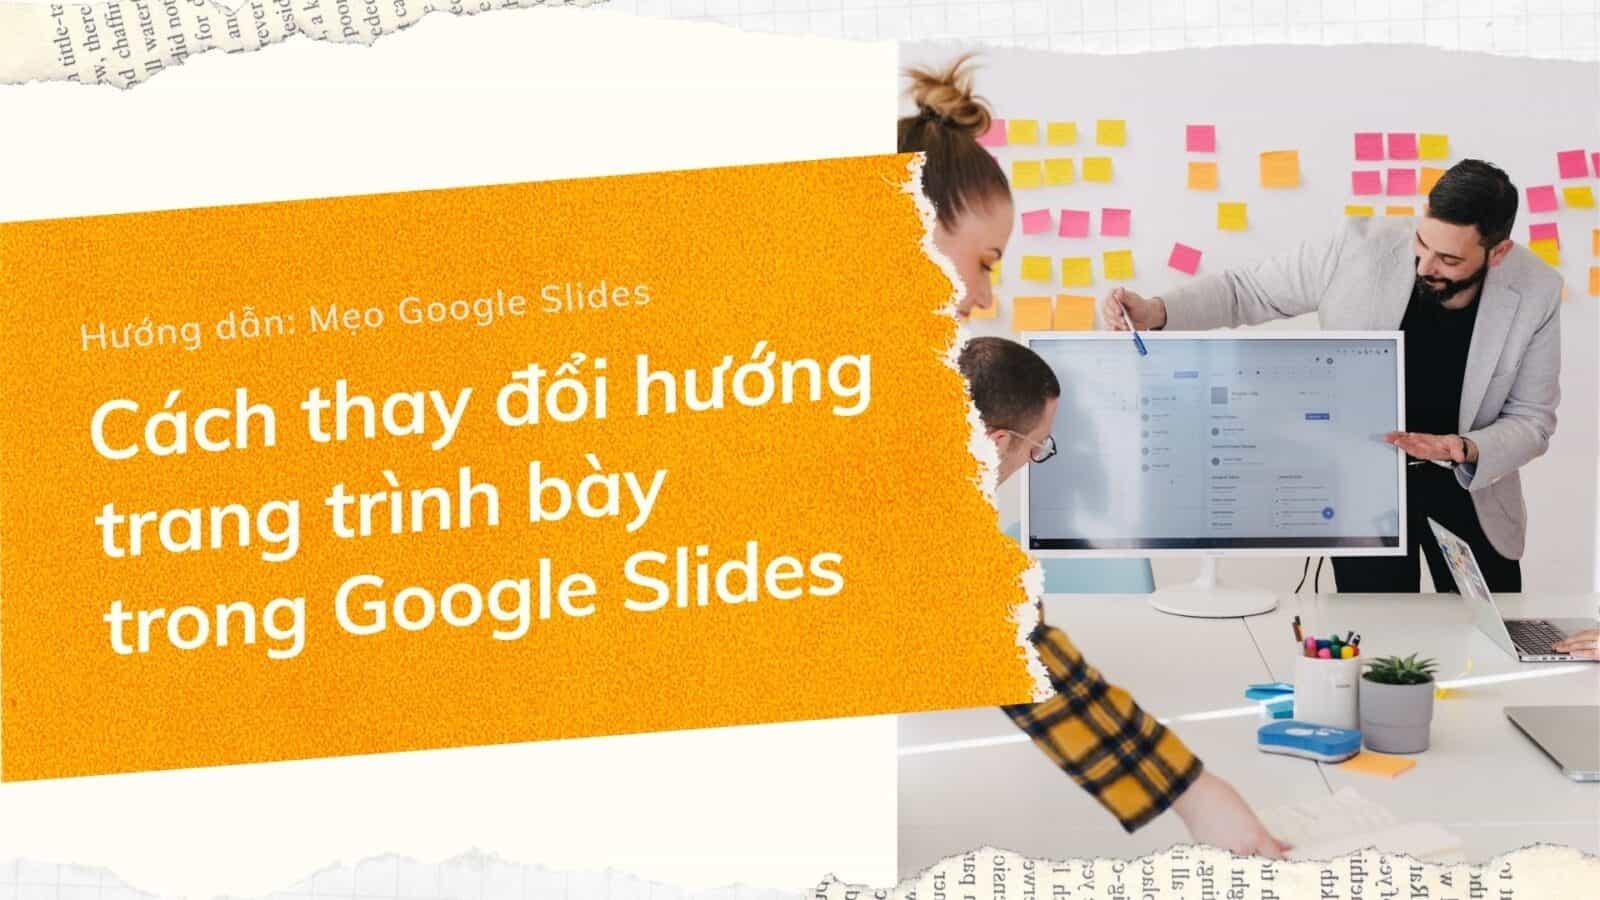 Thay doi huong trang trinh bay trong google slides